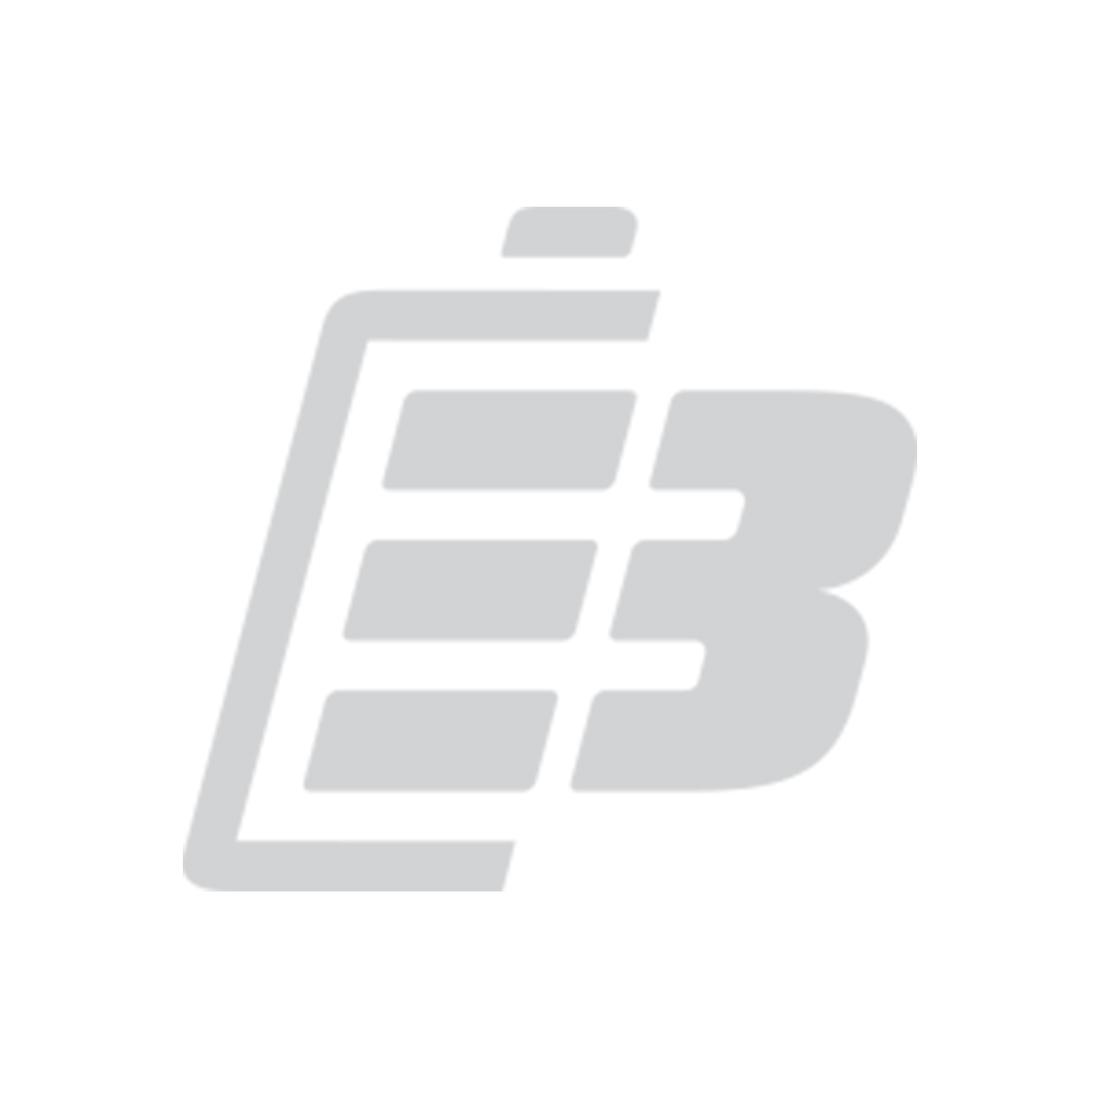 Μπαταρία ηλεκτρικού εργαλείου Metabo 18V 3.0Ah_1